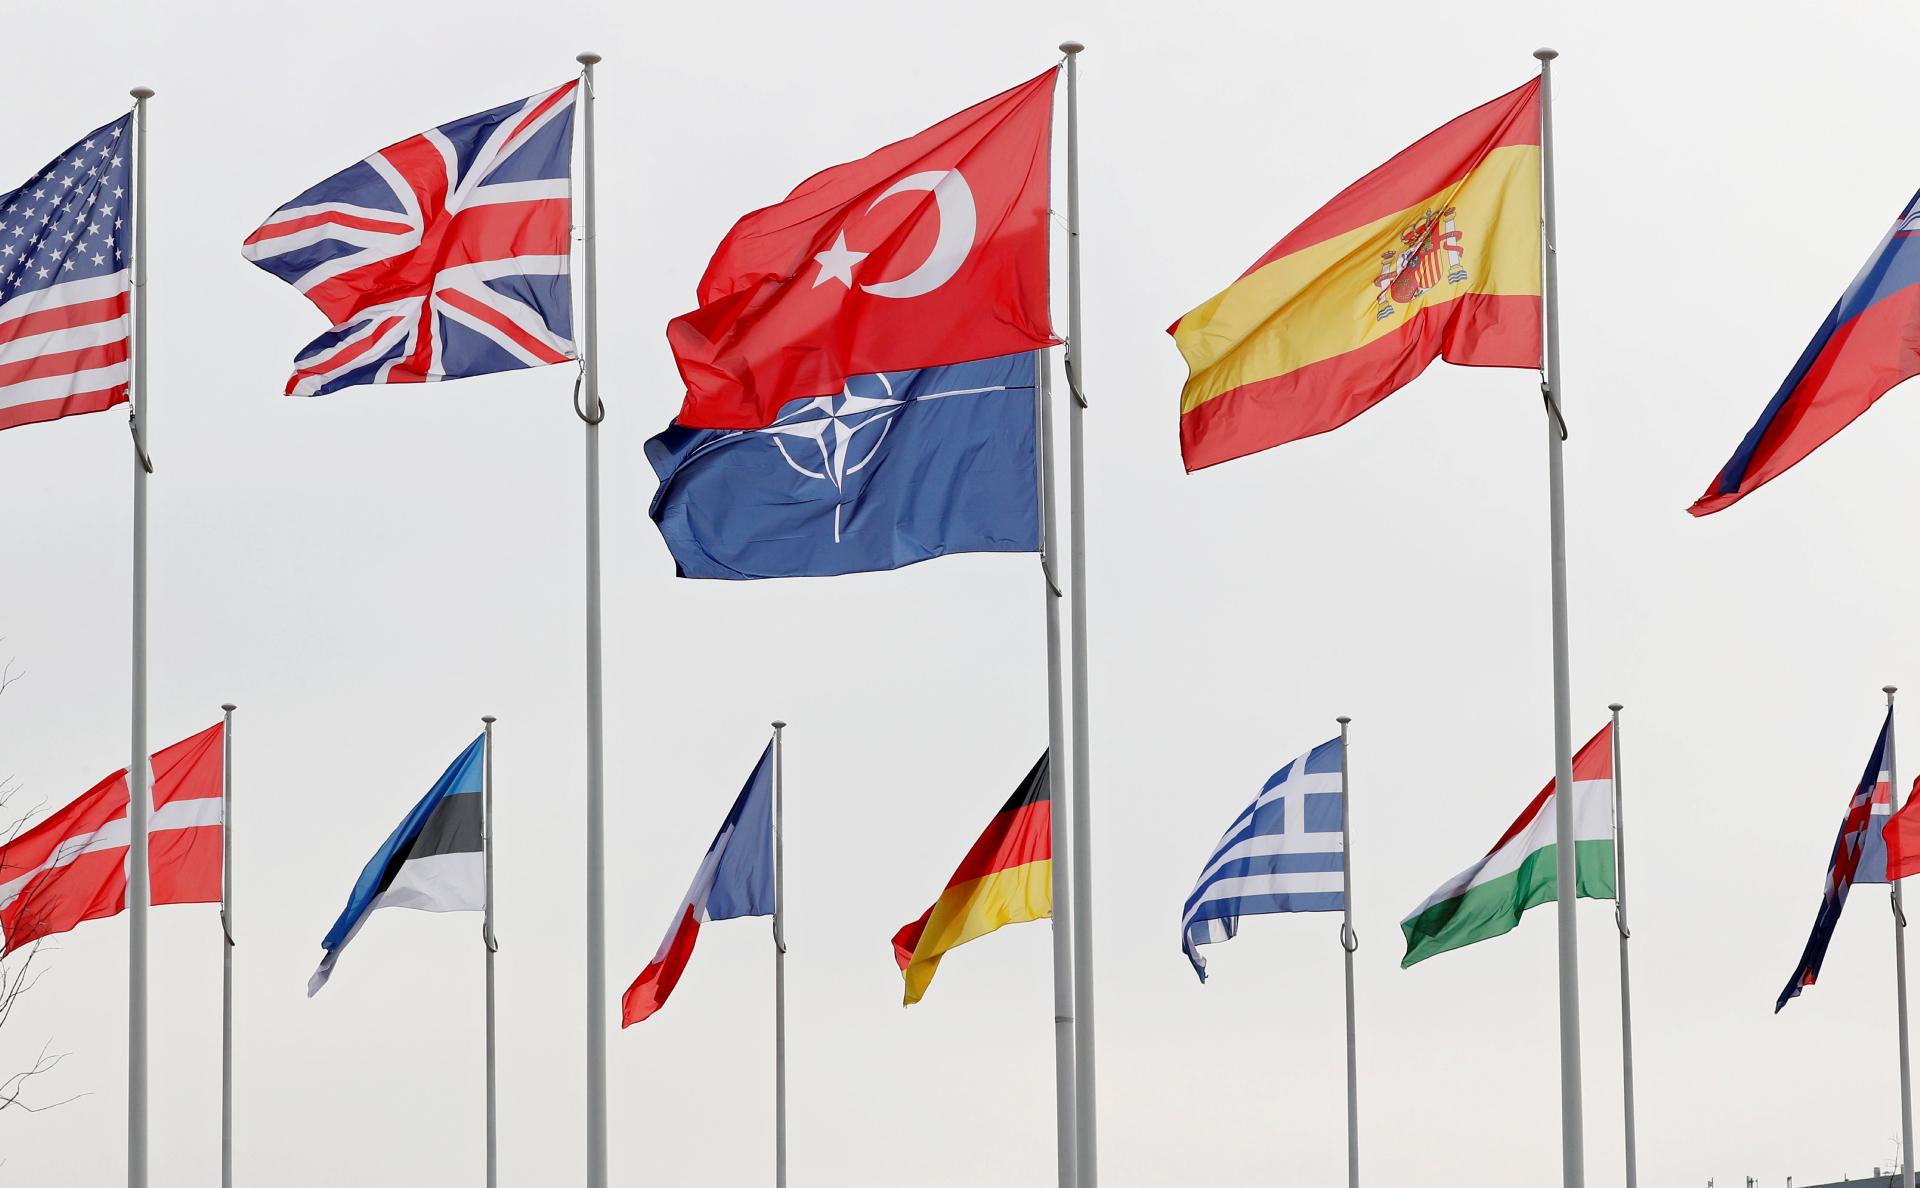 СМИ узнали о влиянии Турции на позицию НАТО по Белоруссии